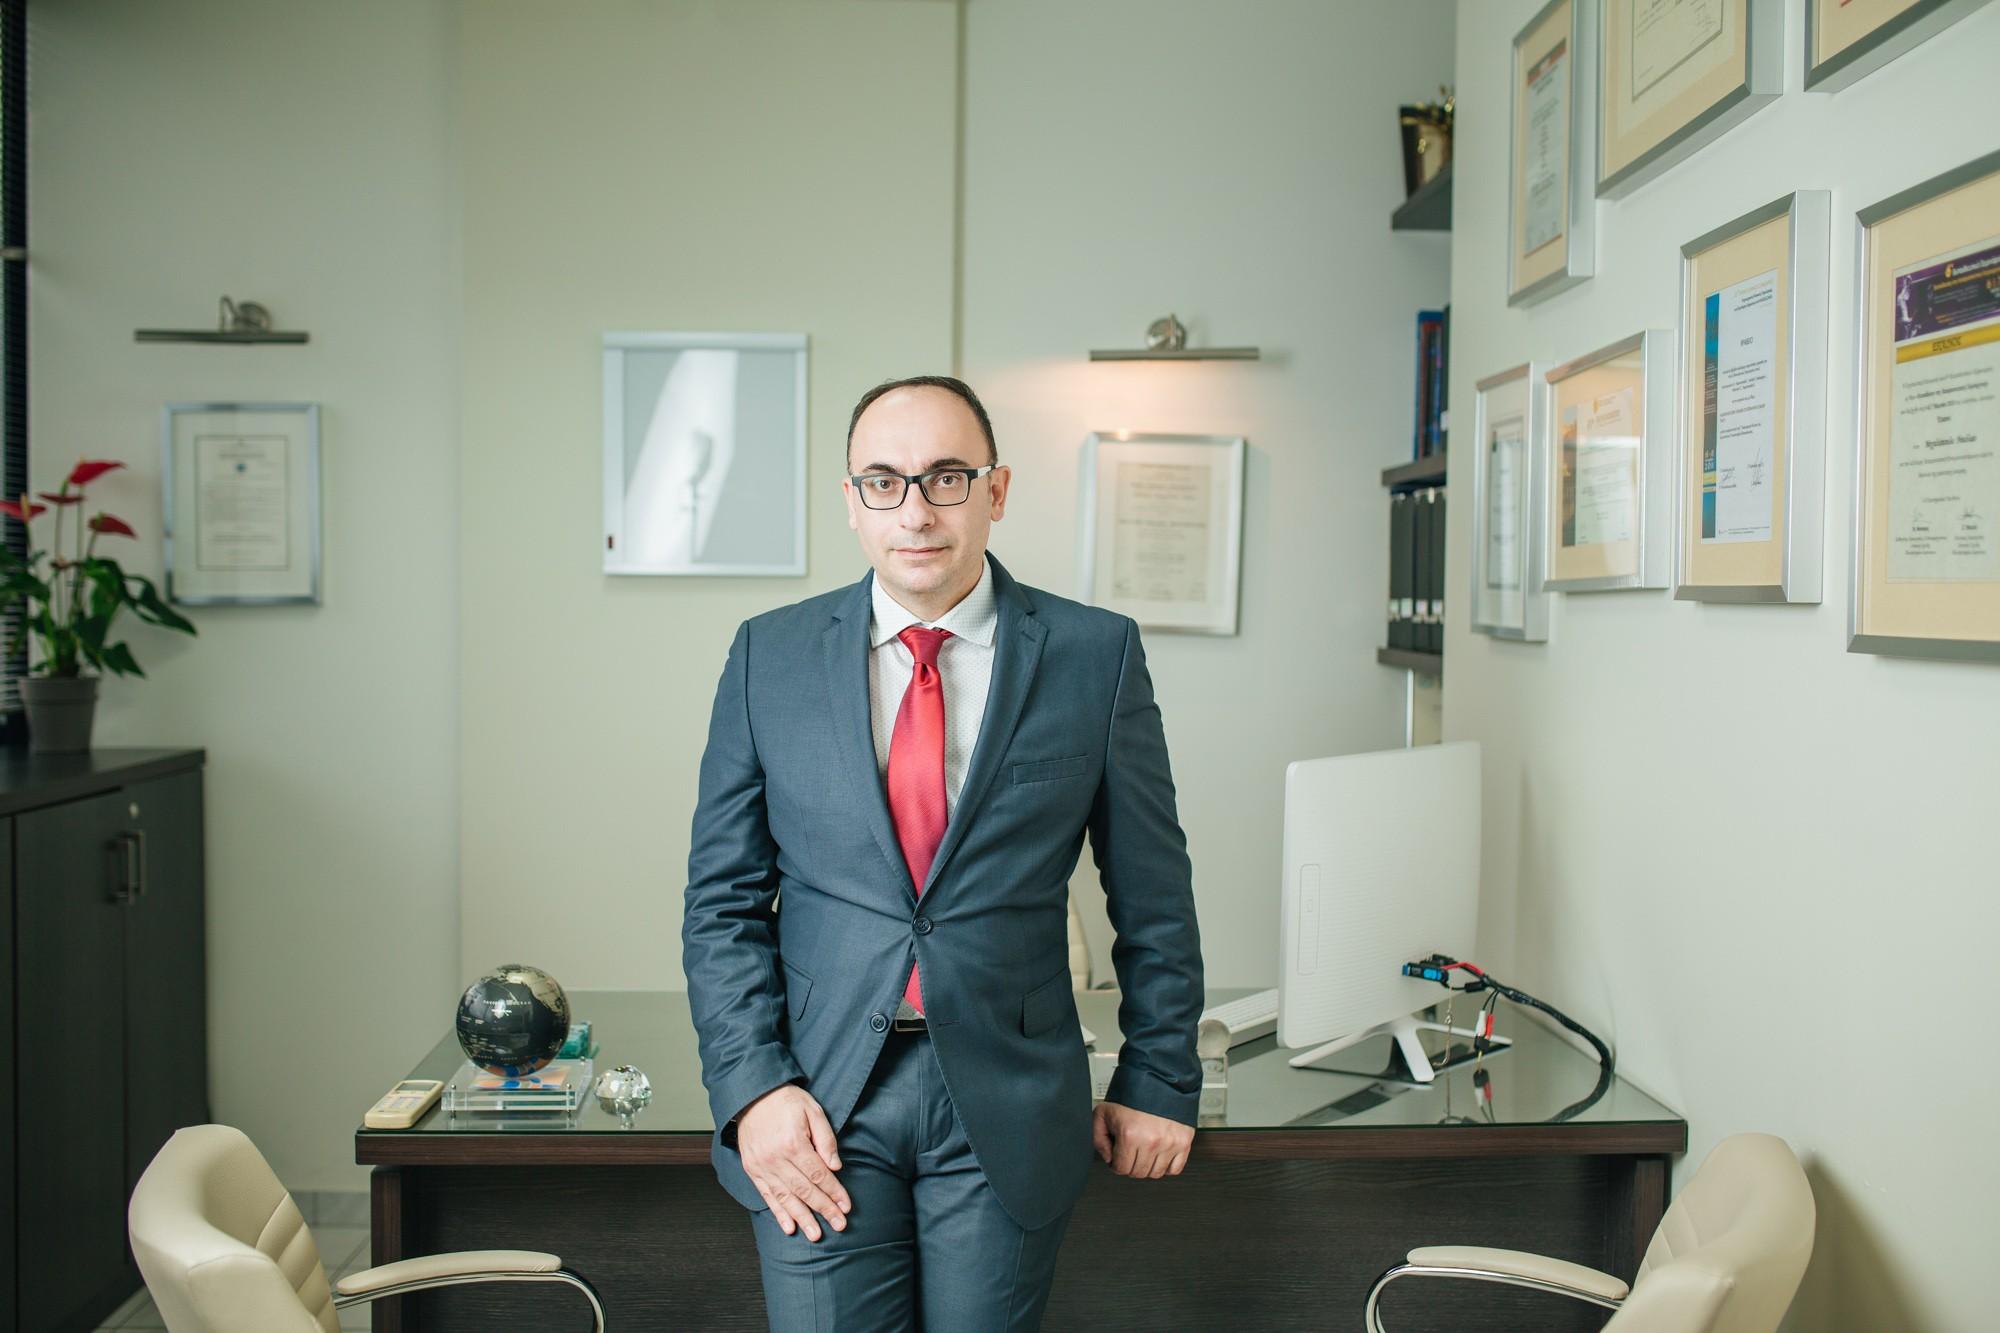 Επαγγελματική φωτογράφιση ιατρού | Νικόλαος Μιχαλόπουλος